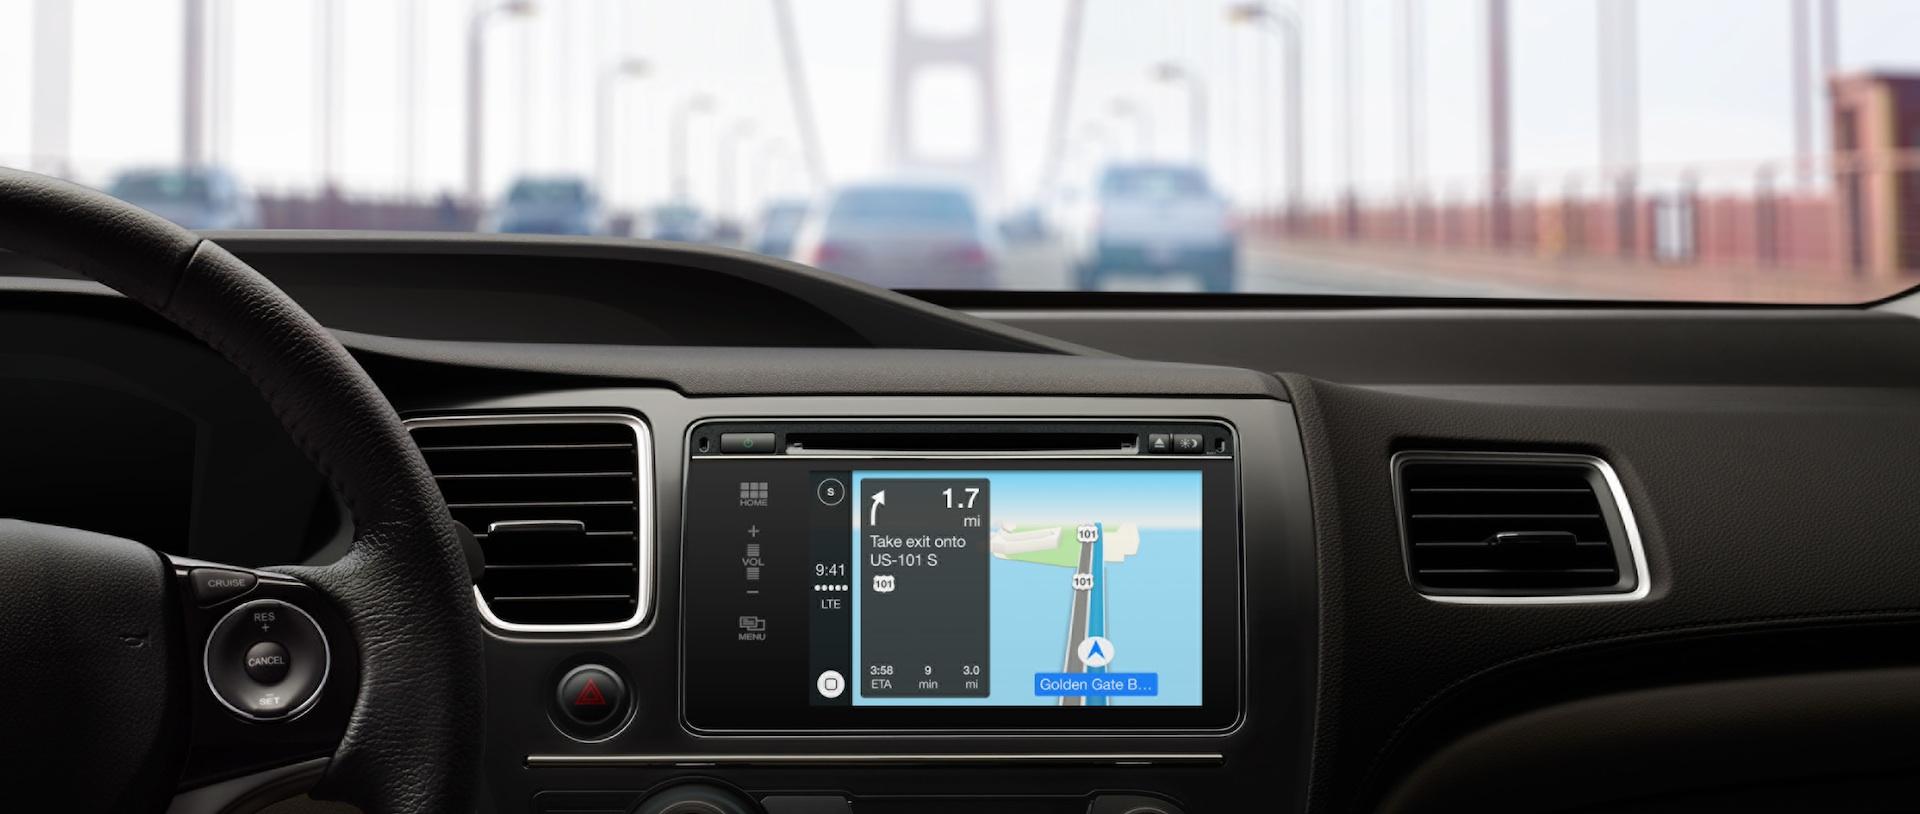 Apple Stellt Carplay Vor Der Neue Weg Das Iphone Im Auto